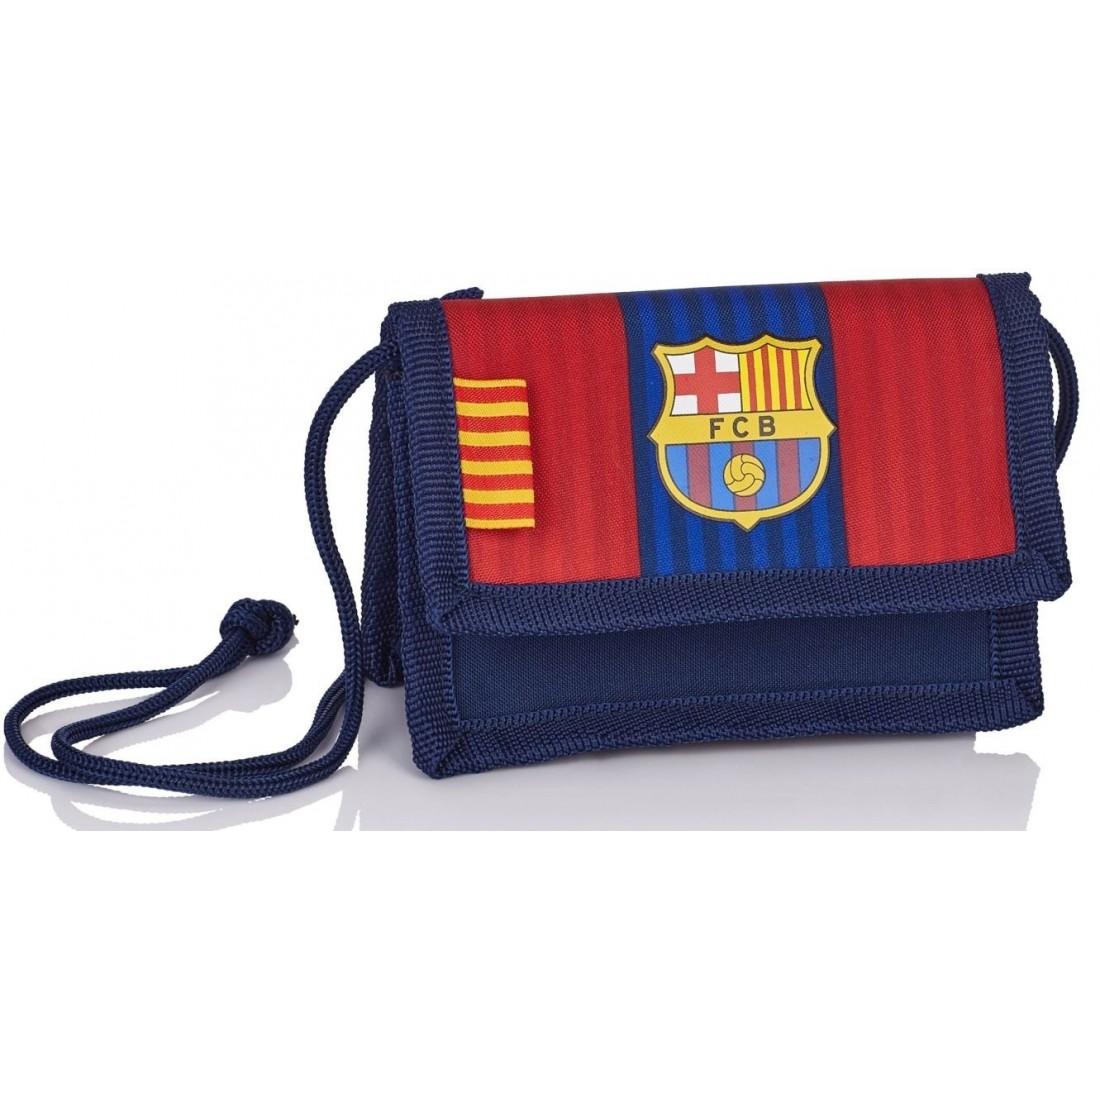 Portfel na szyję FC Barcelona FC-140 dla kibica